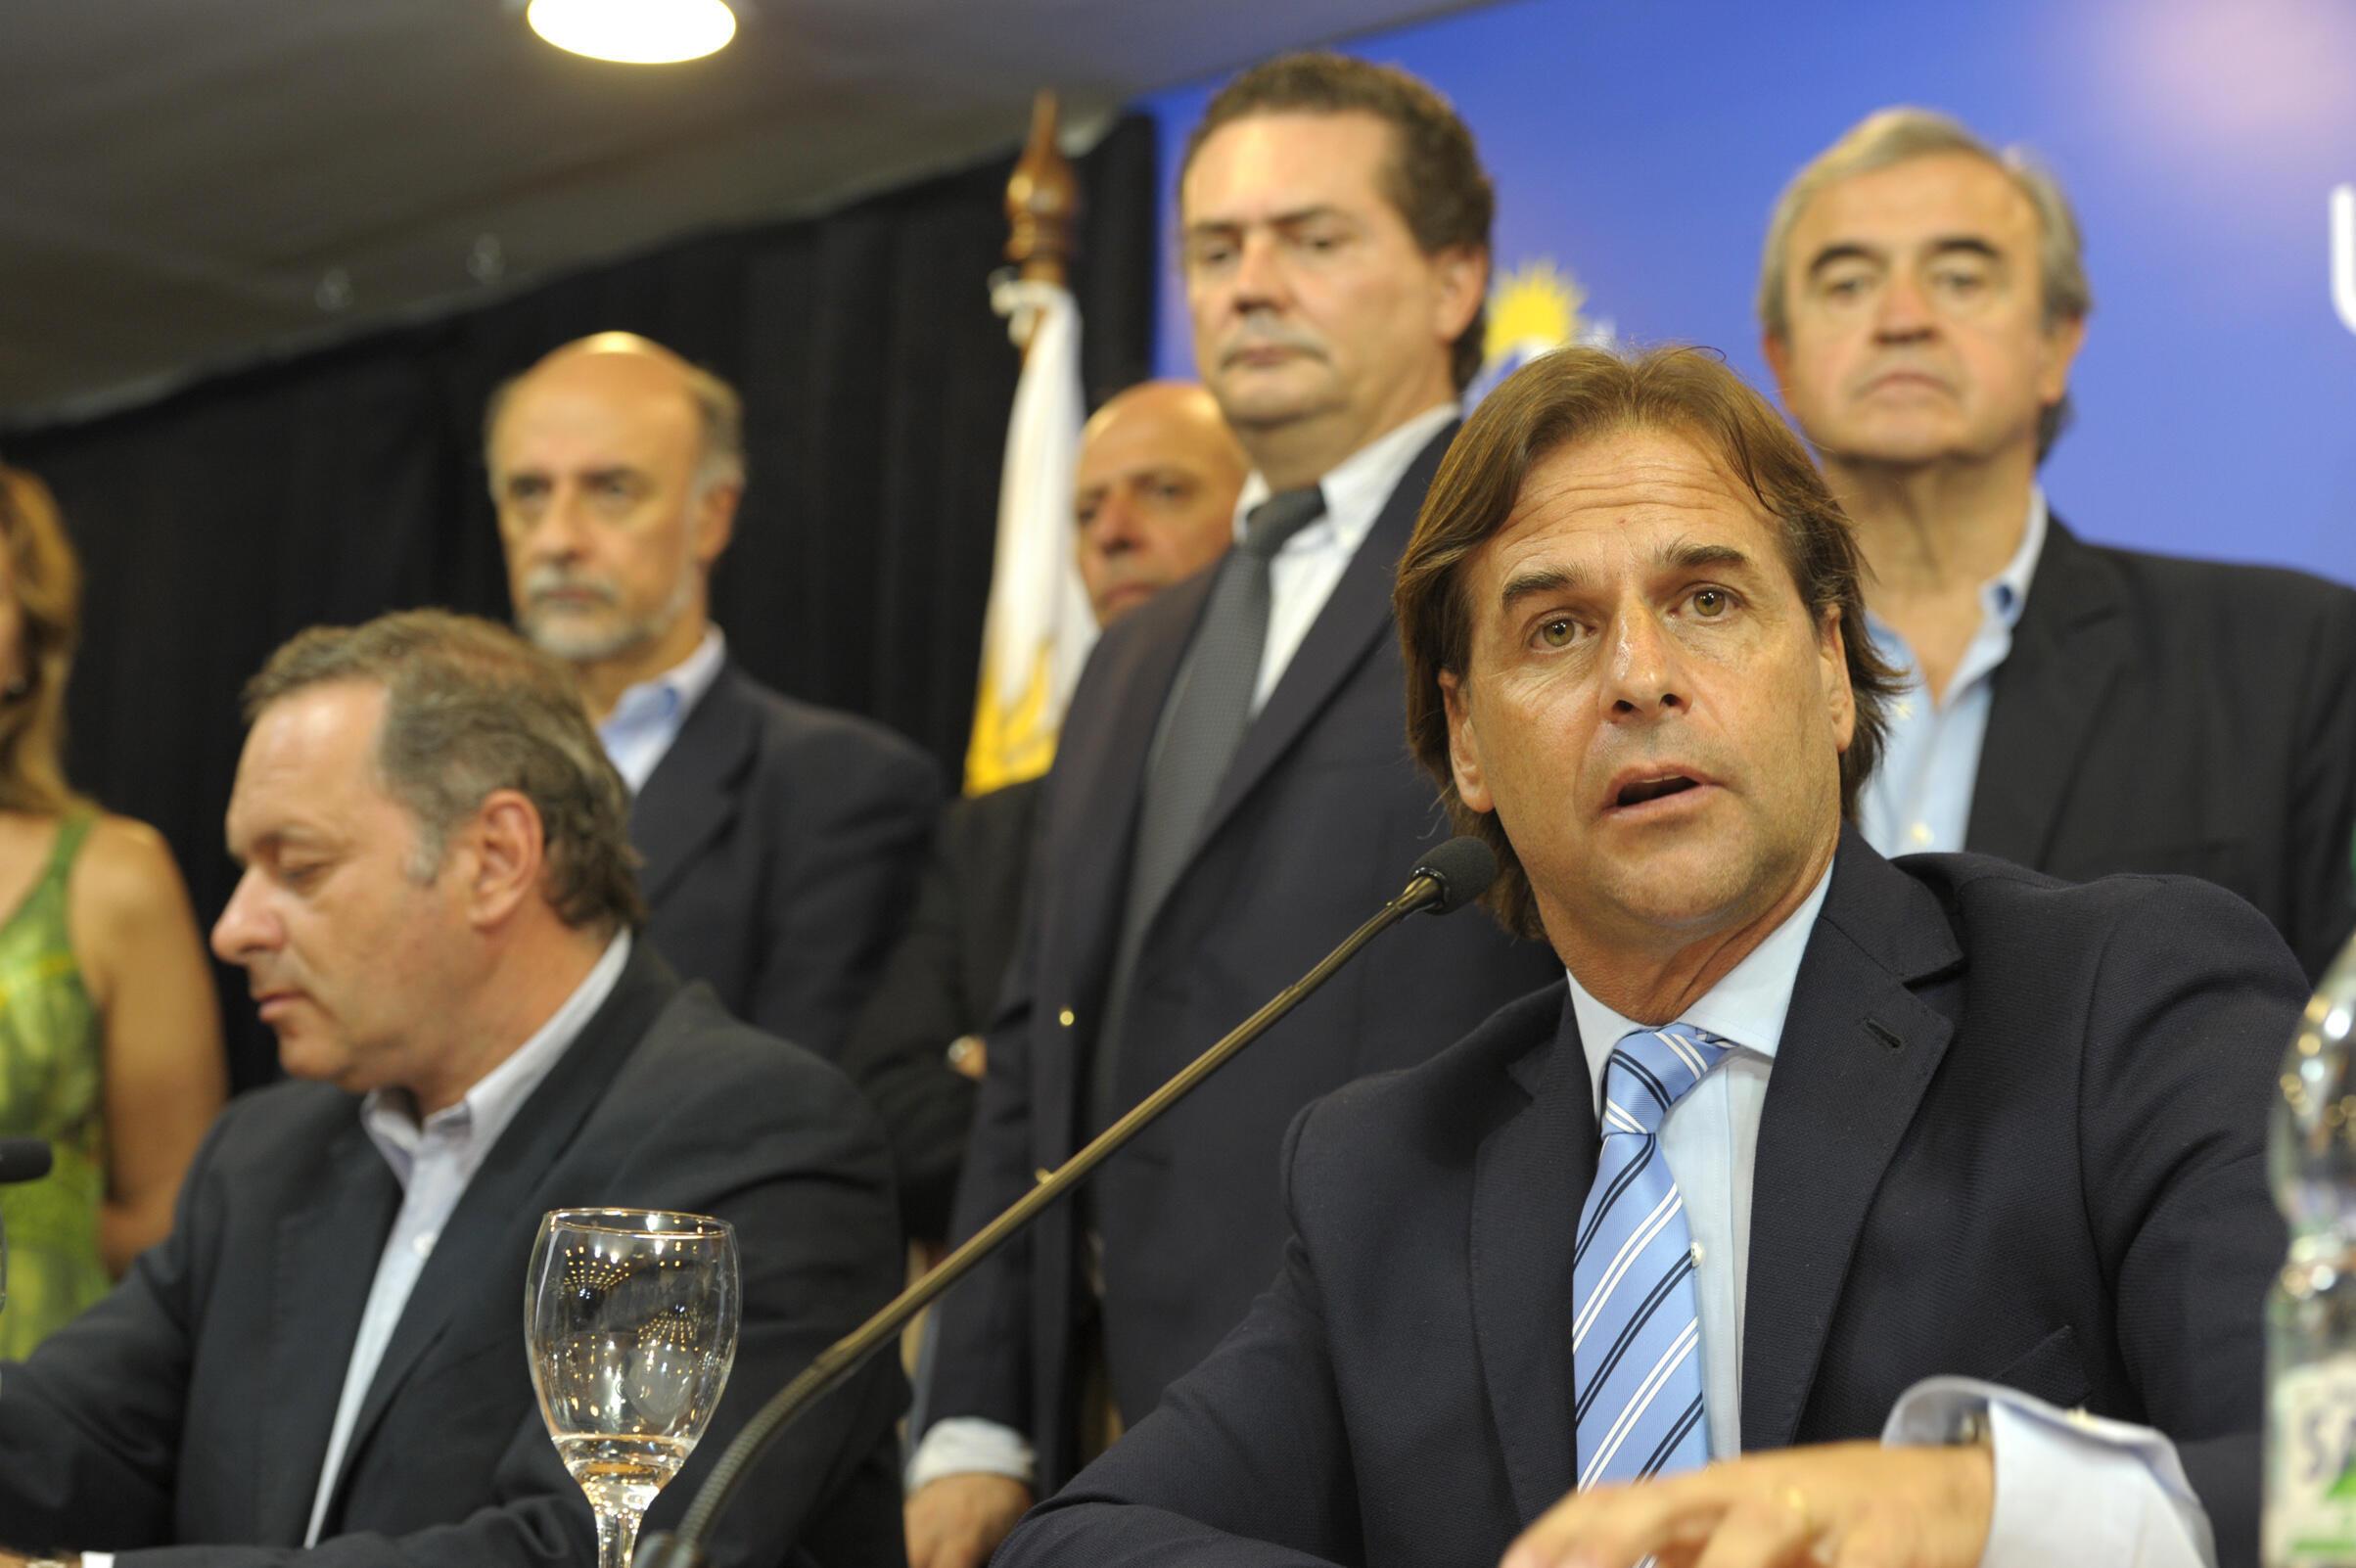 Le président uruguayen Luis Lacalle Pou lors d'une conférence de presse sur la pandémie de Covid-19 le 13 mars 2020 à Montevideo.